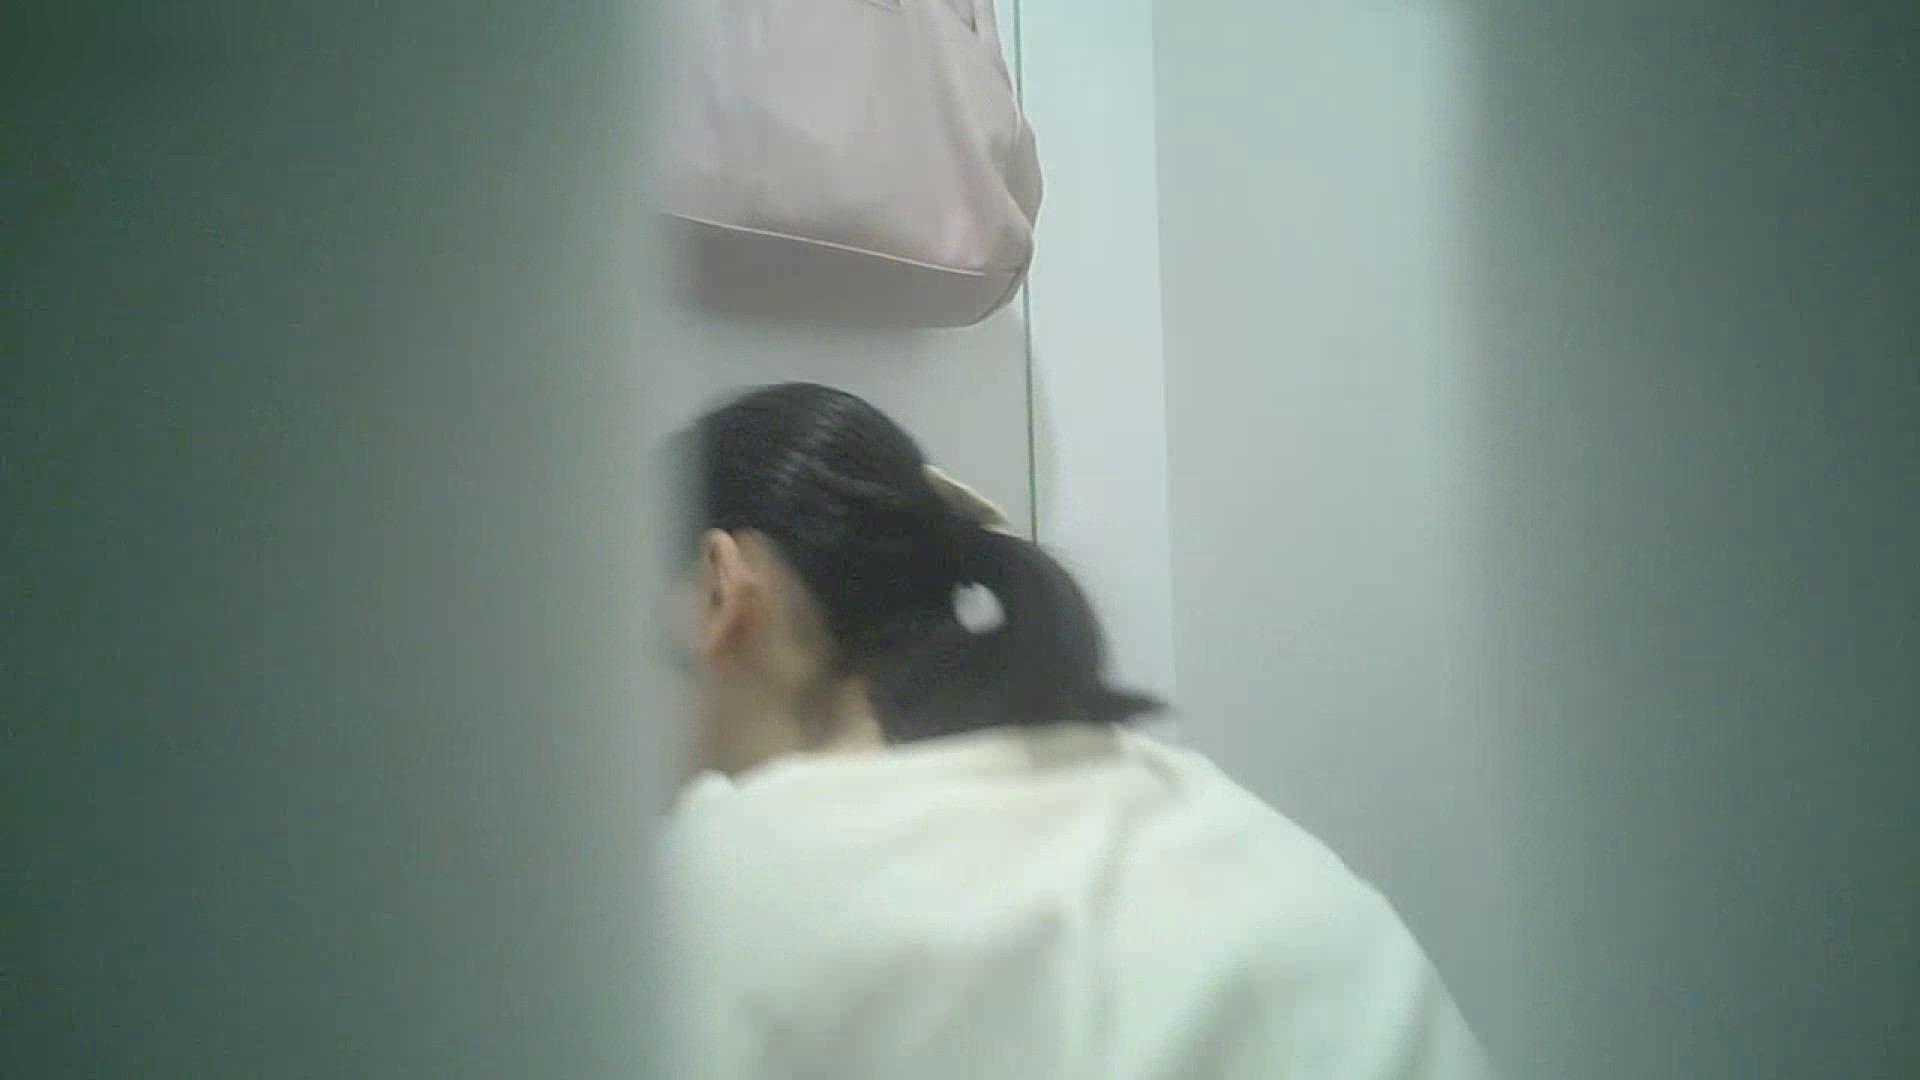 有名大学女性洗面所 vol.40 ??おまじない的な動きをする子がいます。 和式トイレ 盗み撮り動画キャプチャ 81pic 49